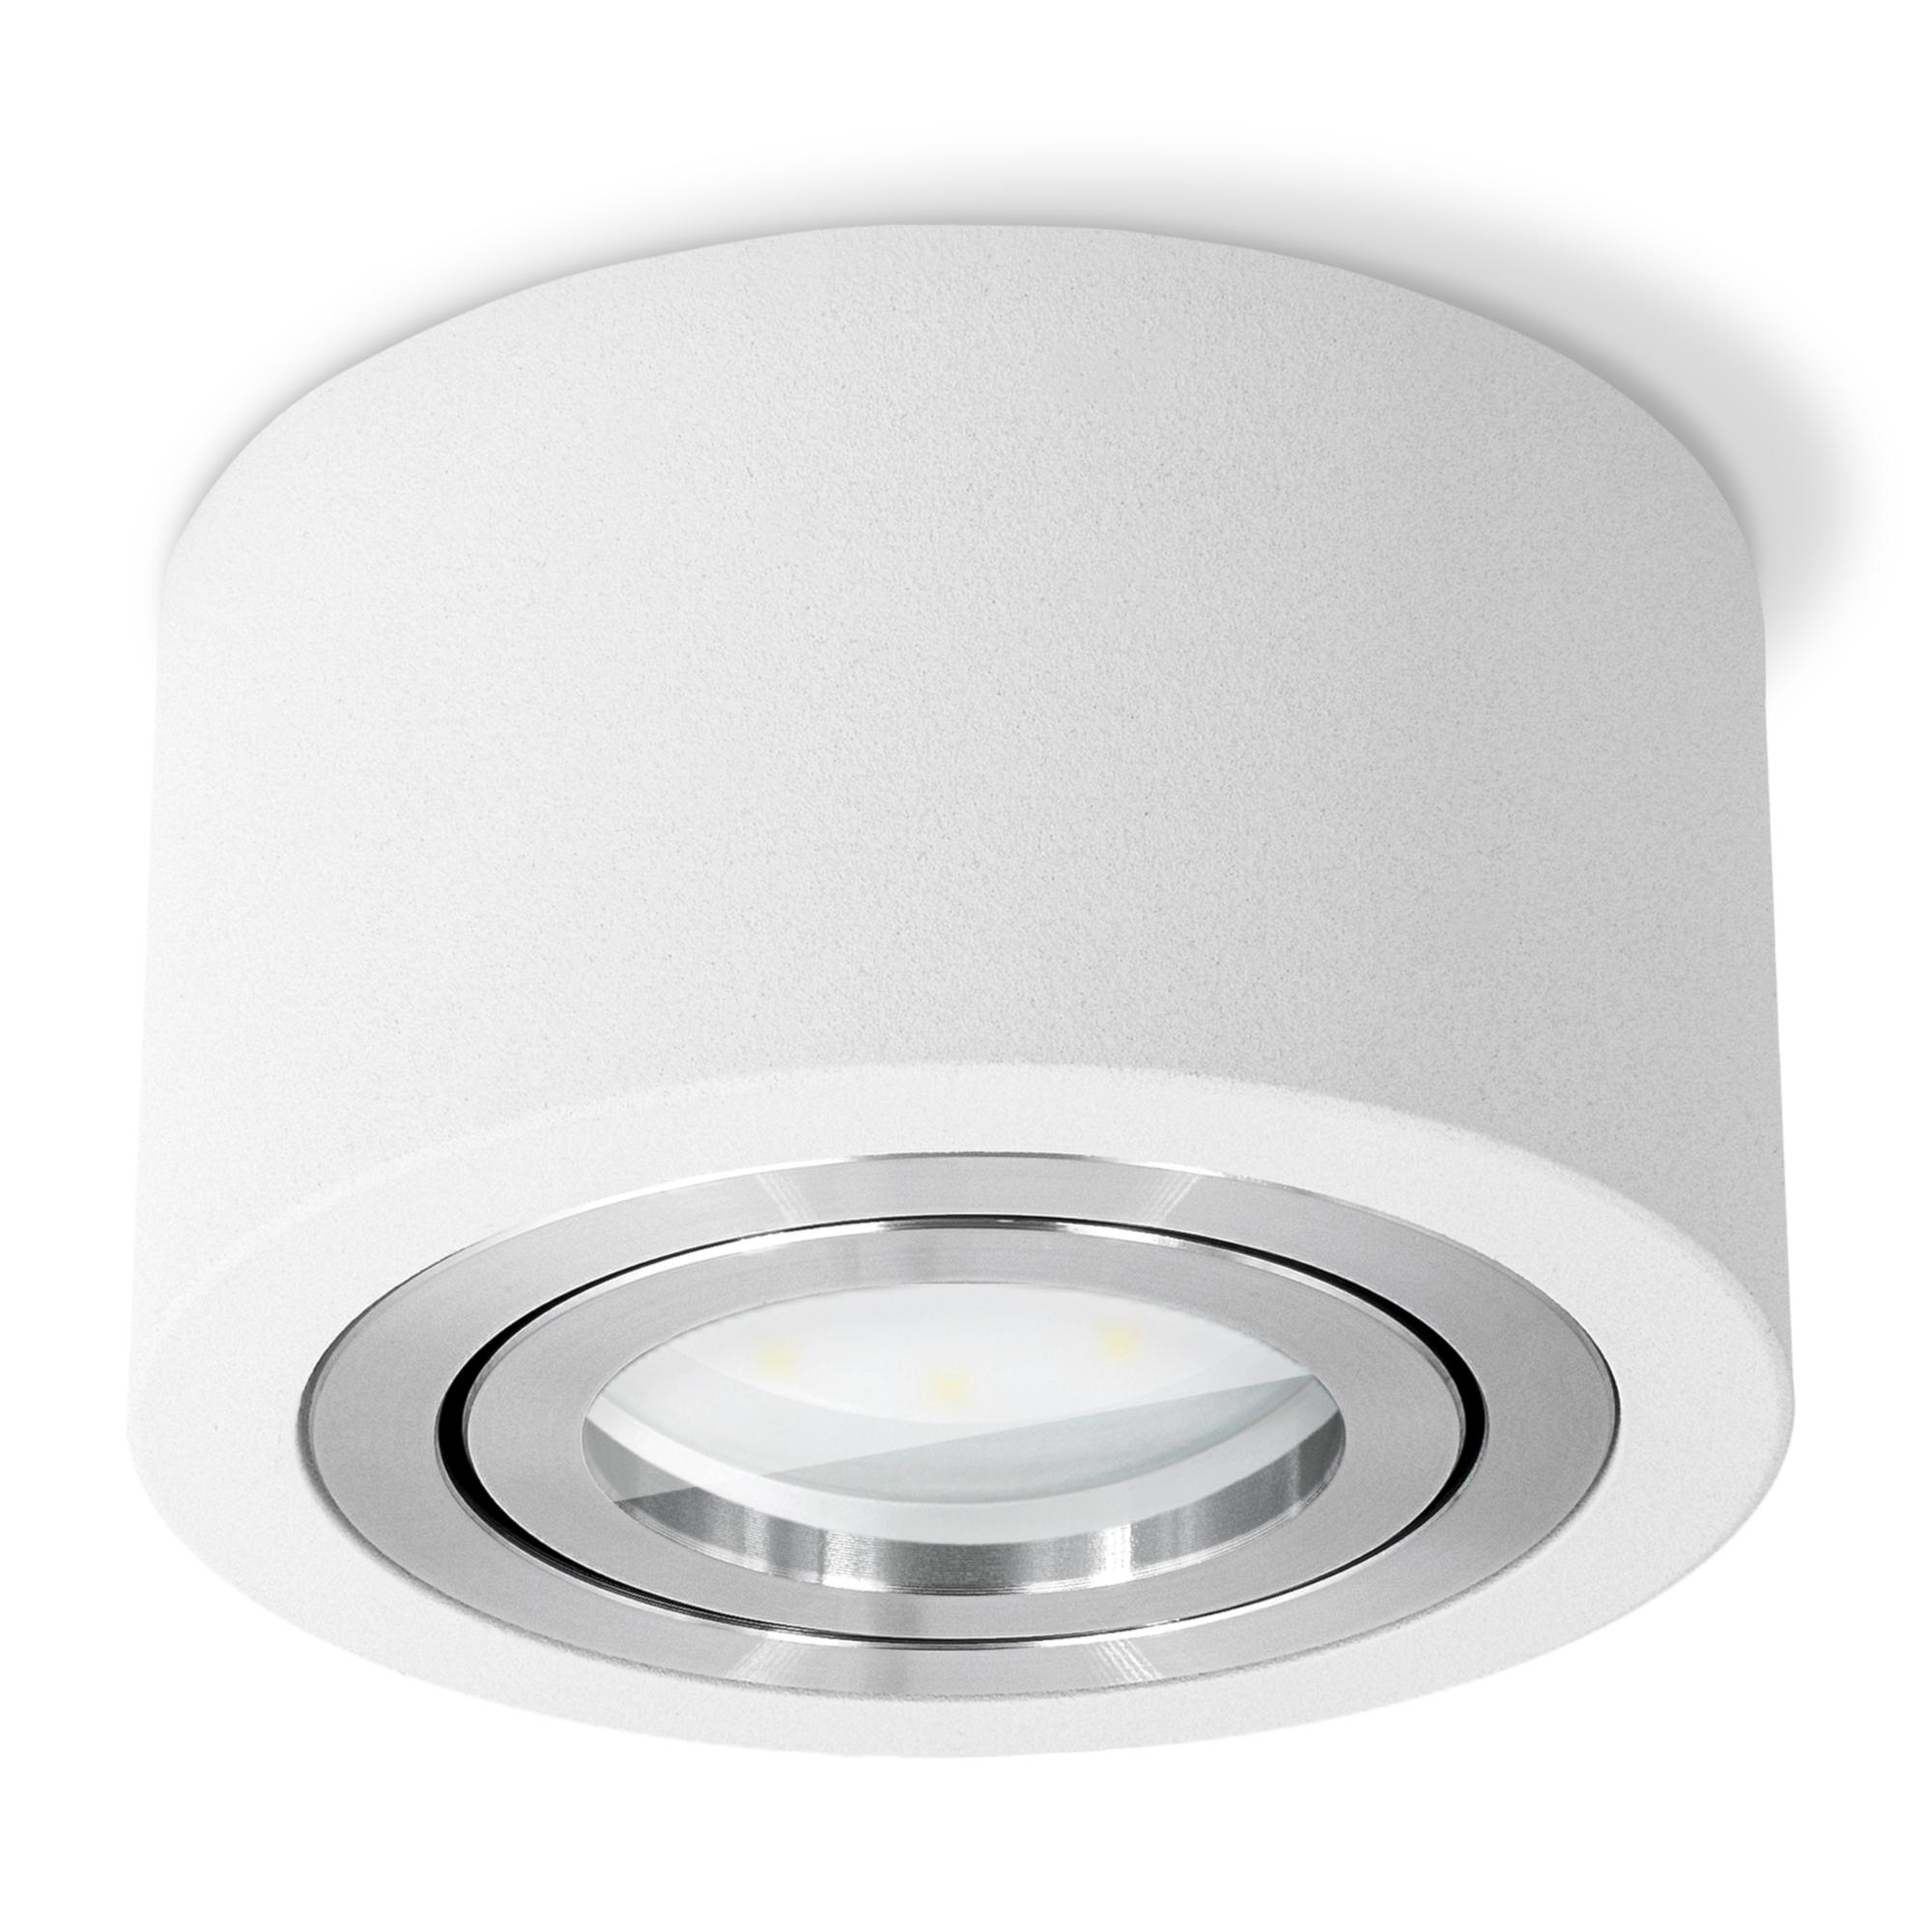 LUZA Aufbauspot flach IP20 für Bad & Außen mit LED 20W neutralweiß ...